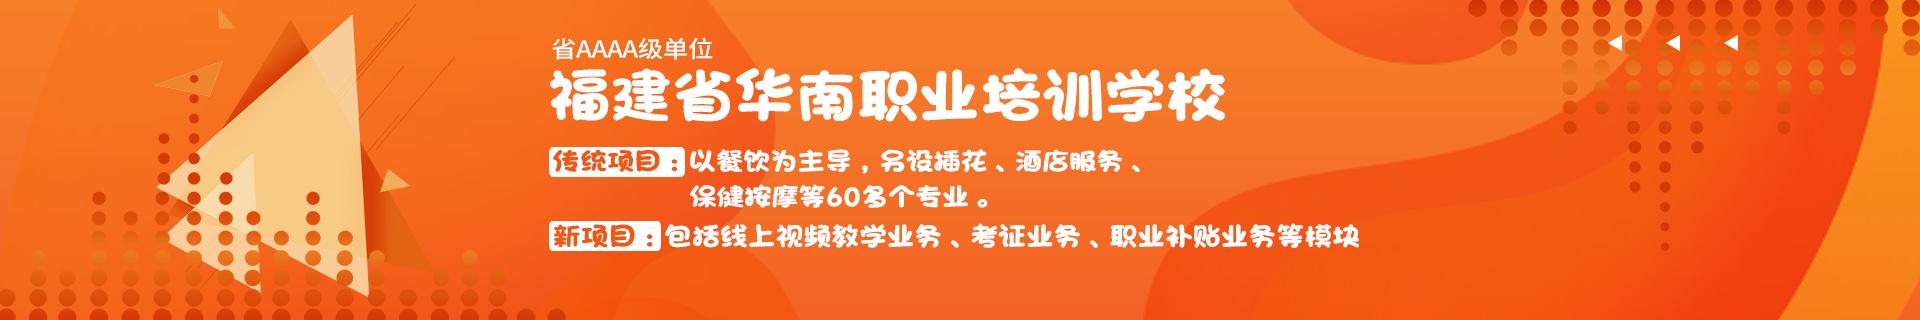 泉州鲤城区华南职业技术学校